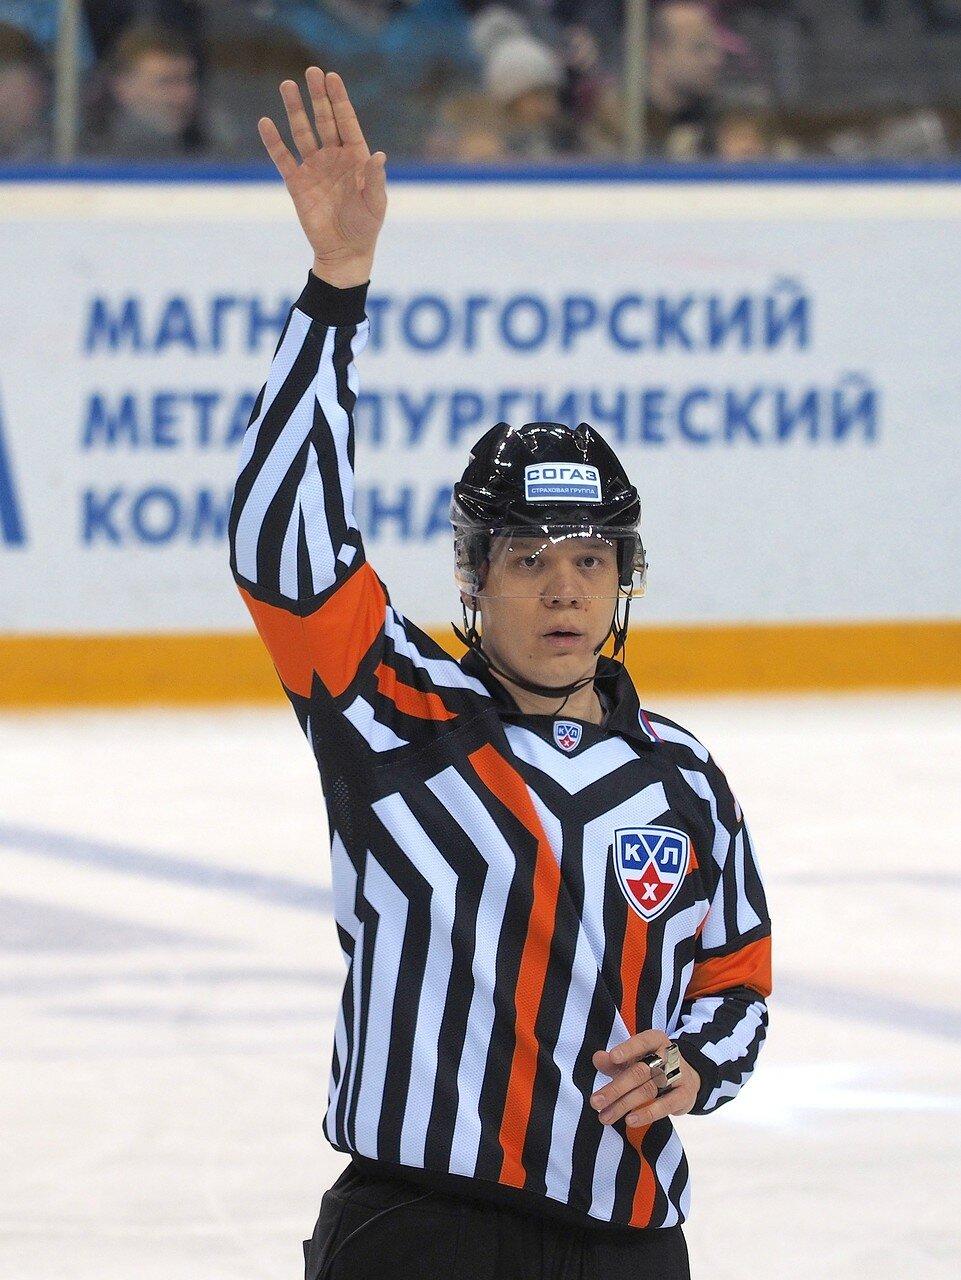 59Металлург - Динамо Минск 13.01.2015